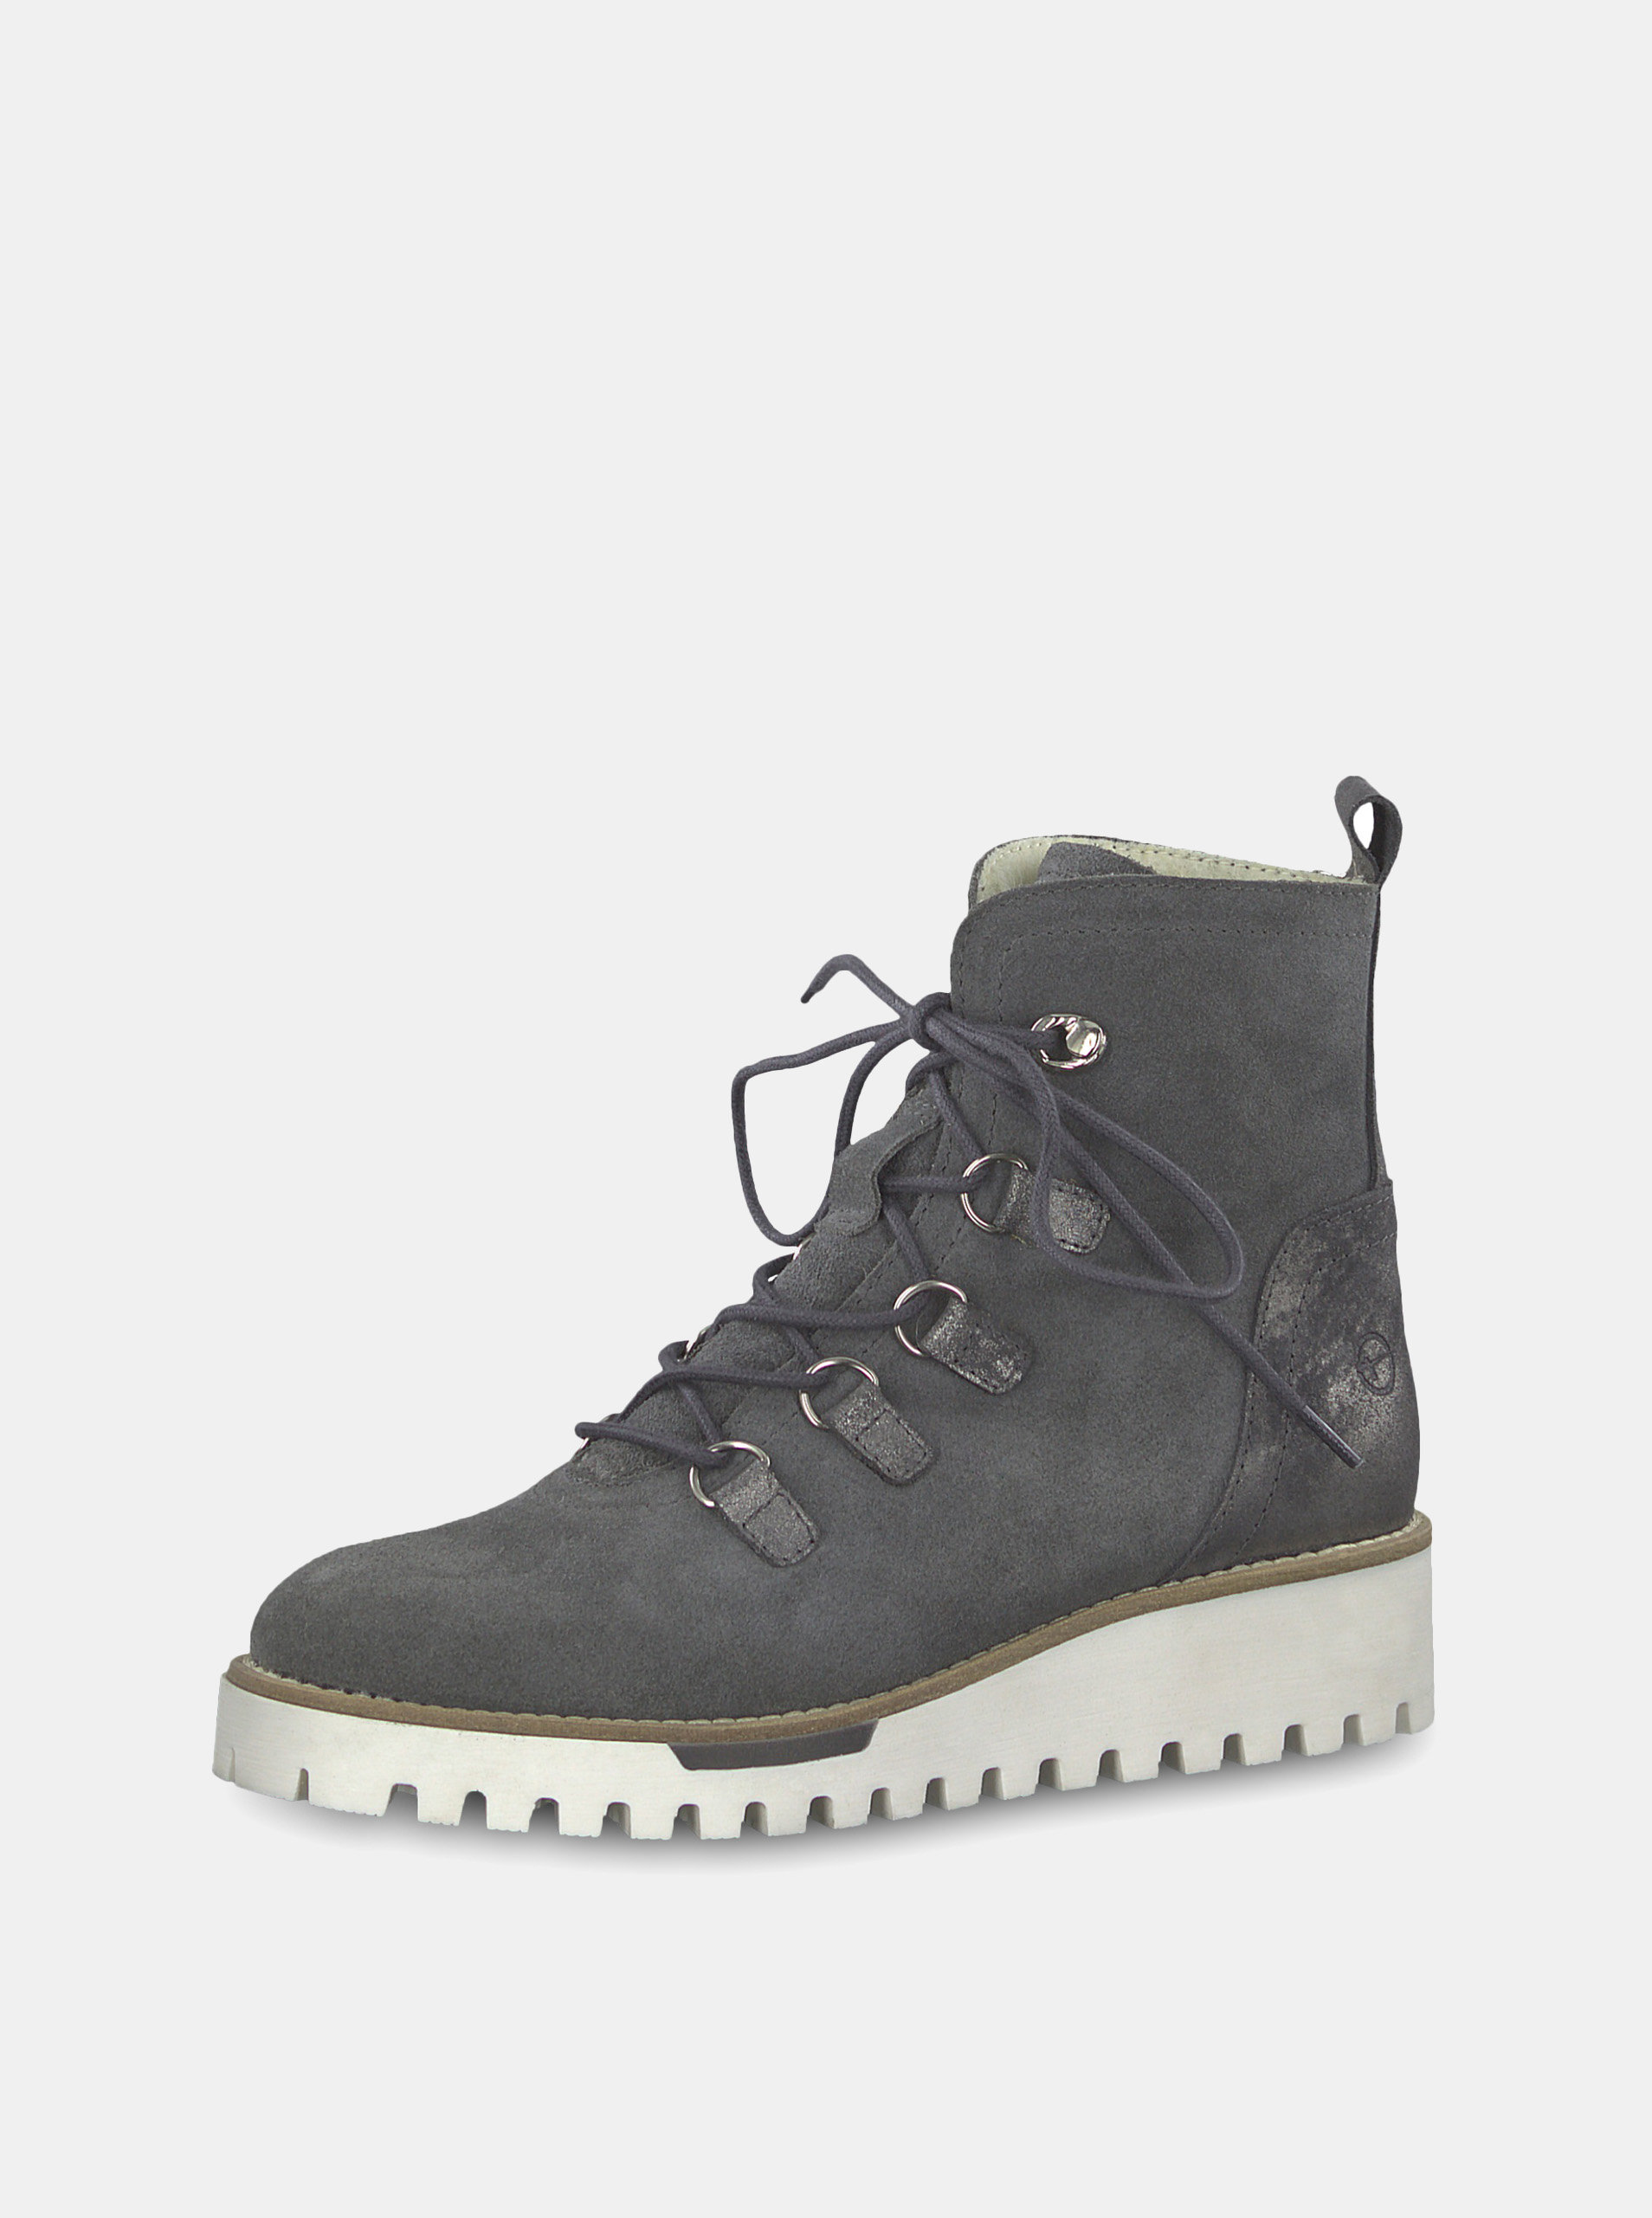 e4bec49bf7d5 Šedé semišové kotníkové zimní boty s vlněnou podšívkou Tamaris ...